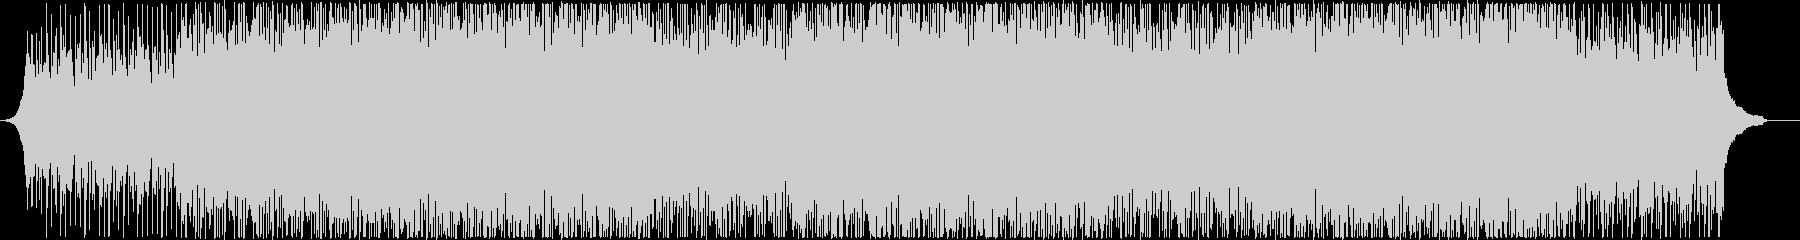 映像・企業VP 創造的なワクワク感(B)の未再生の波形